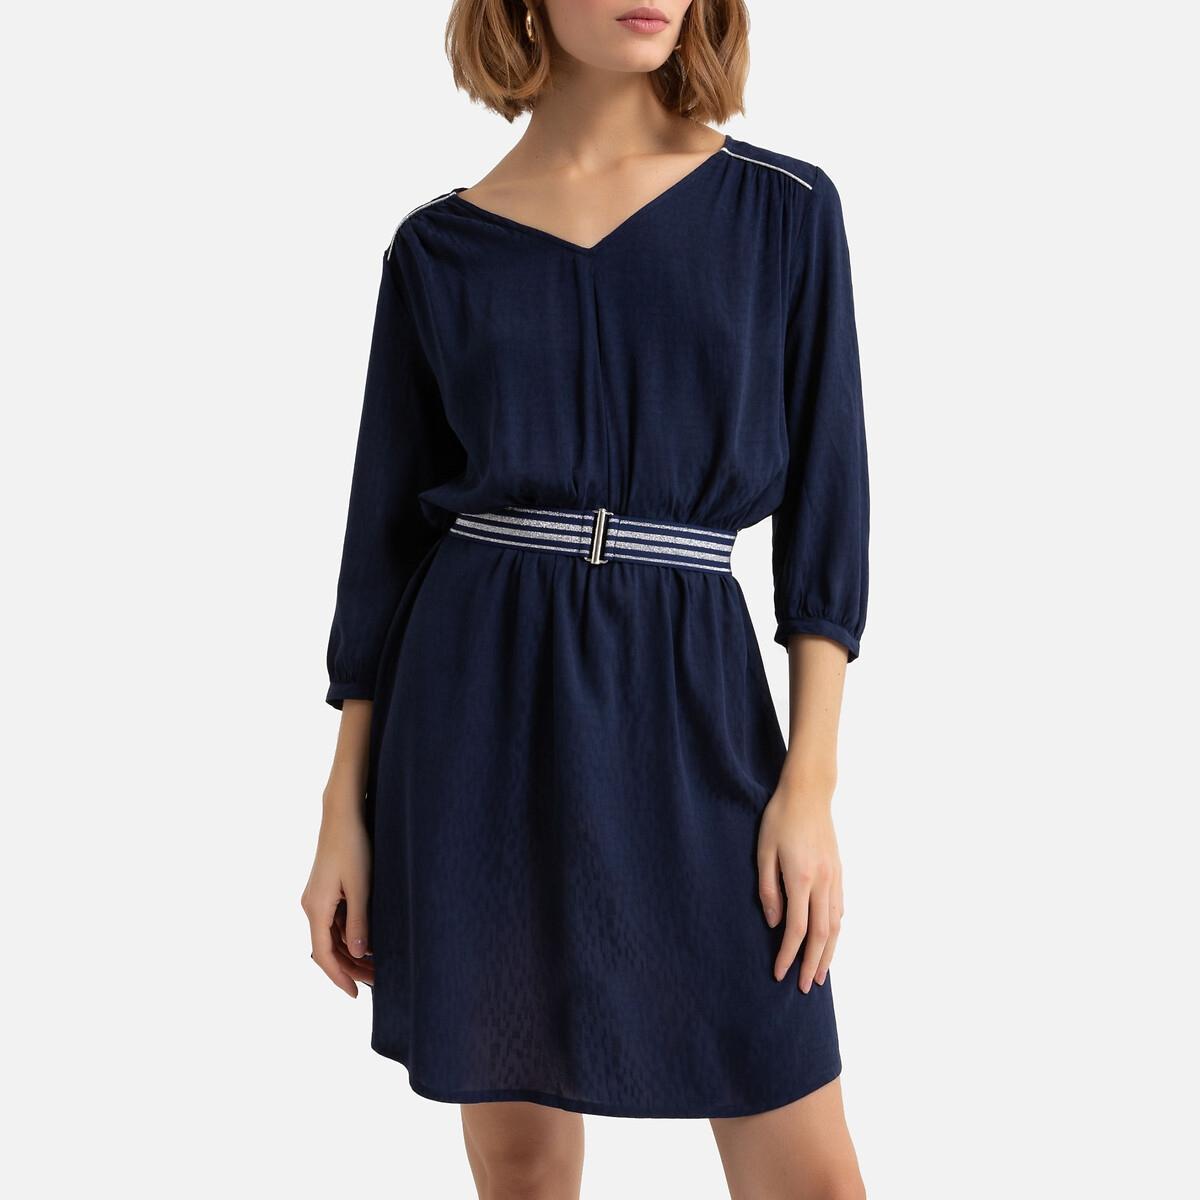 цена Платье La Redoute Жаккардовое струящееся с ремешком рукава XS синий онлайн в 2017 году